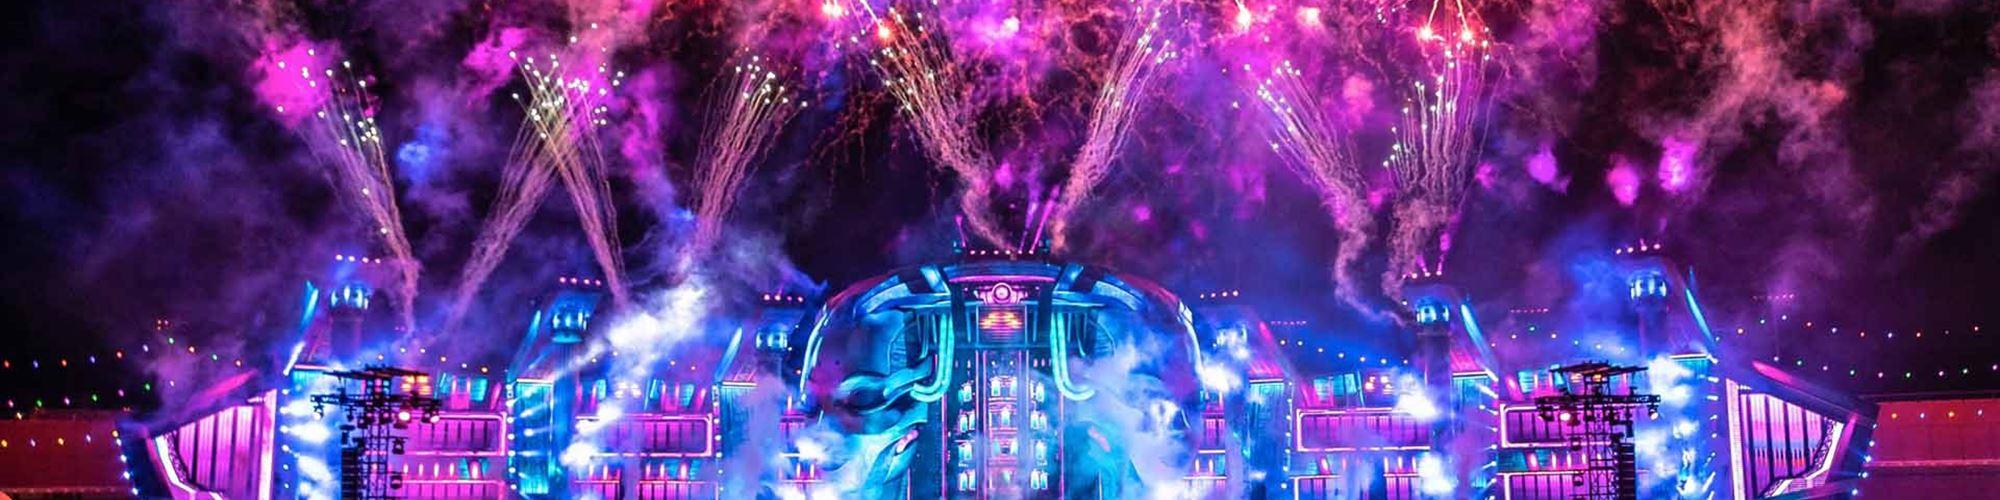 O maior festival de música eletrónica do mundo chega a Portugal em 2021